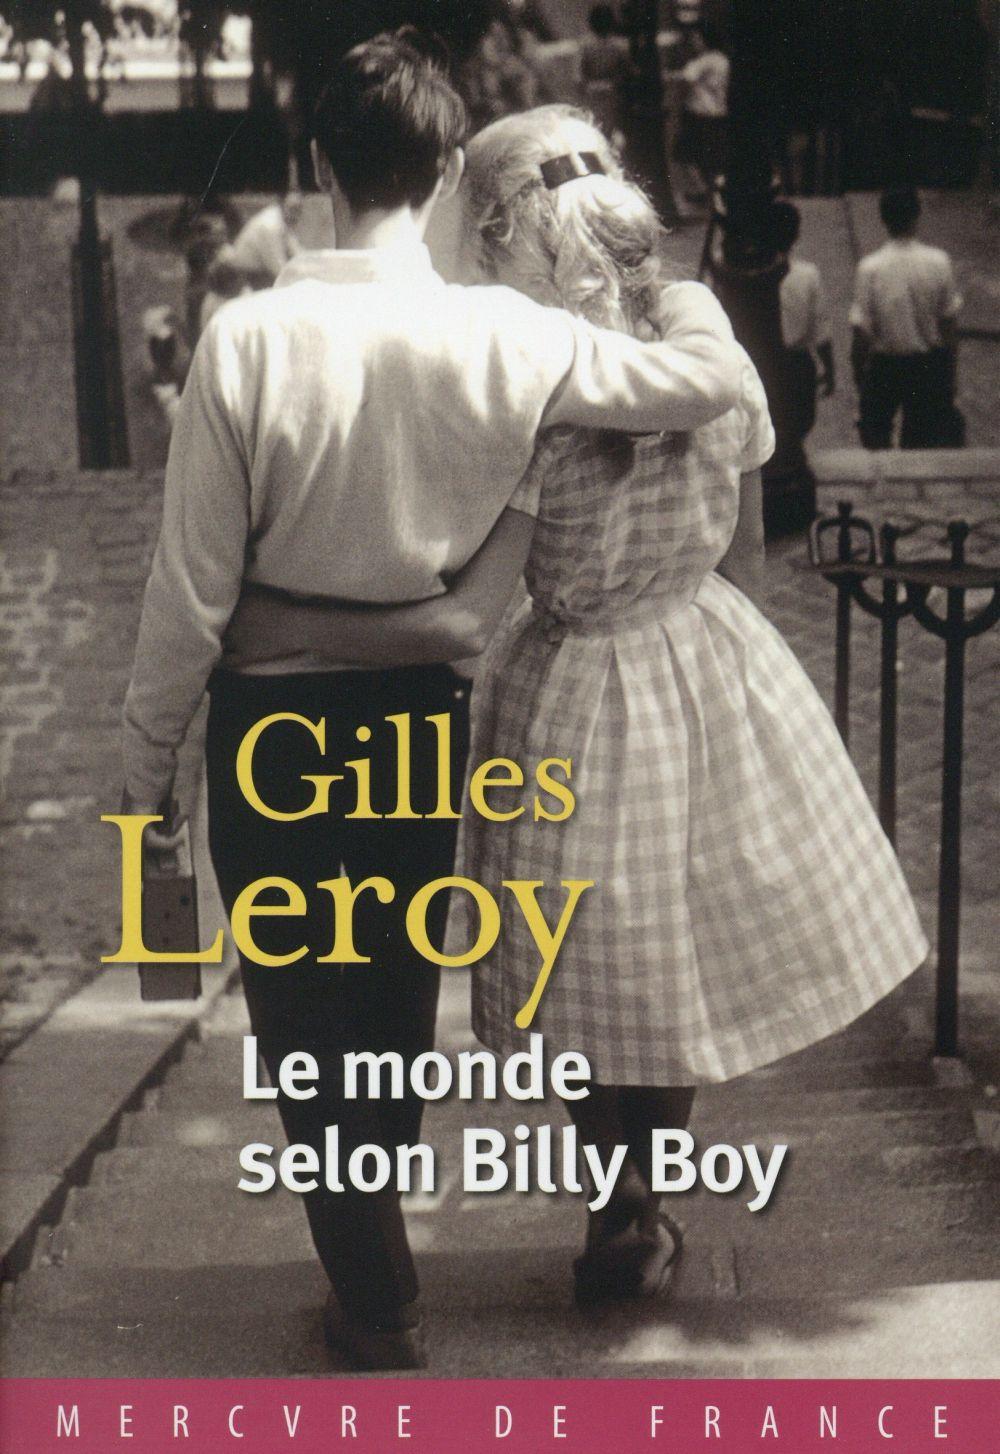 """La chronique #4 du Club des Explorateurs : """"Le monde selon Billy Boy"""" de Gilles Leroy"""